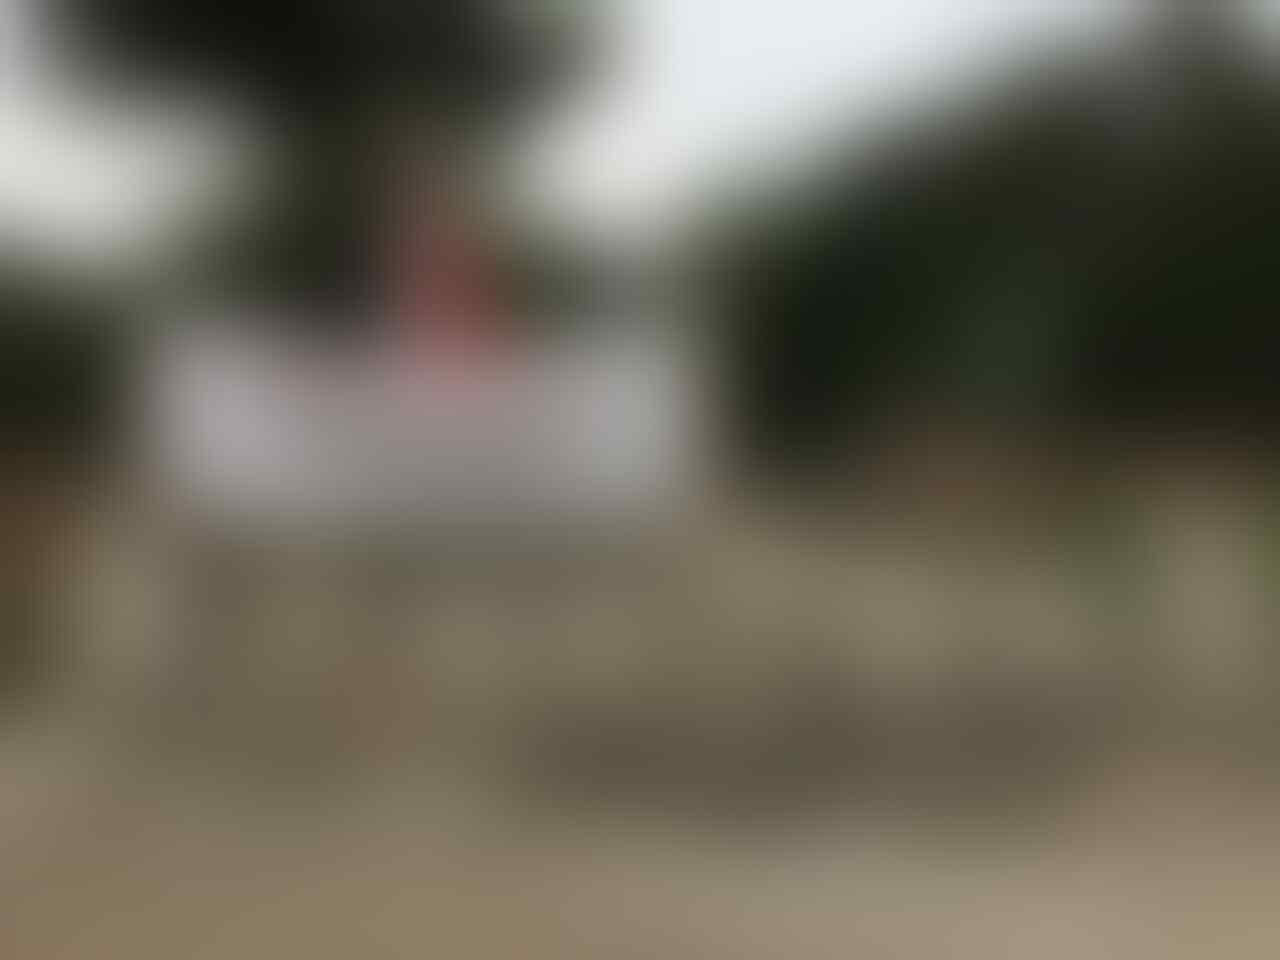 Warga dan Camat Limo Perang Somasi, Jalan di Depok Diblokir dengan Semen